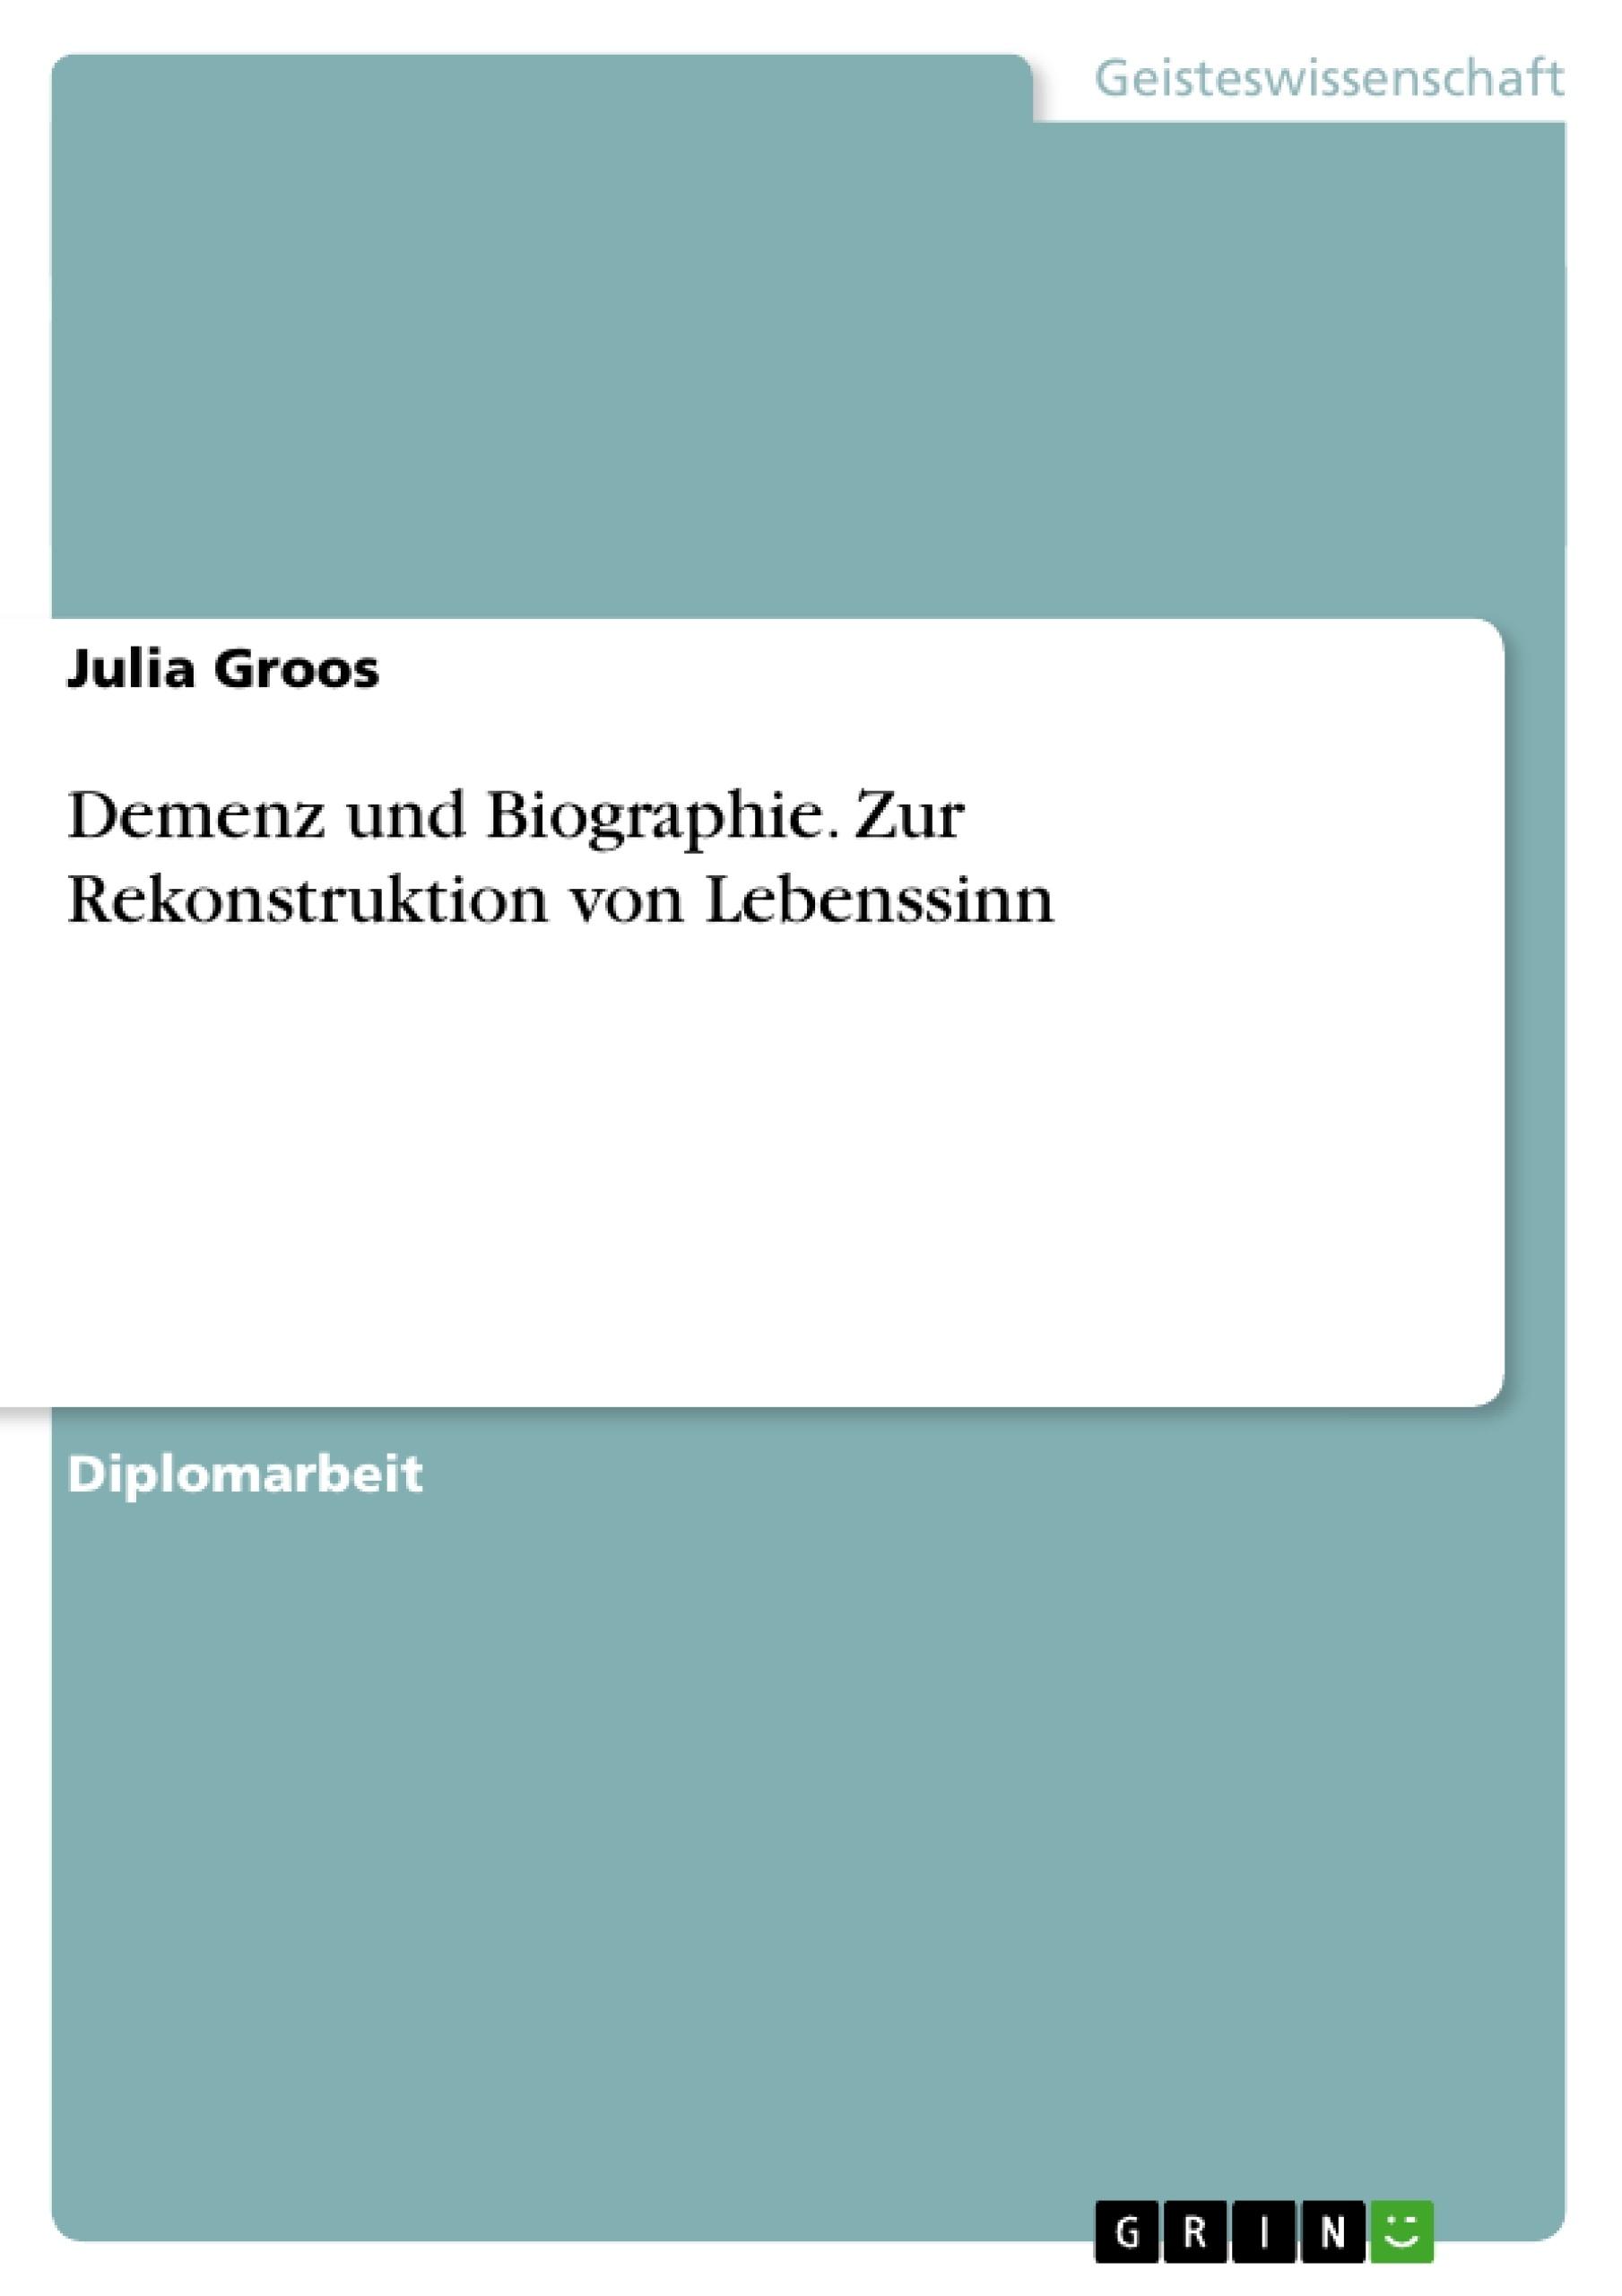 Titel: Demenz und Biographie. Zur Rekonstruktion von Lebenssinn